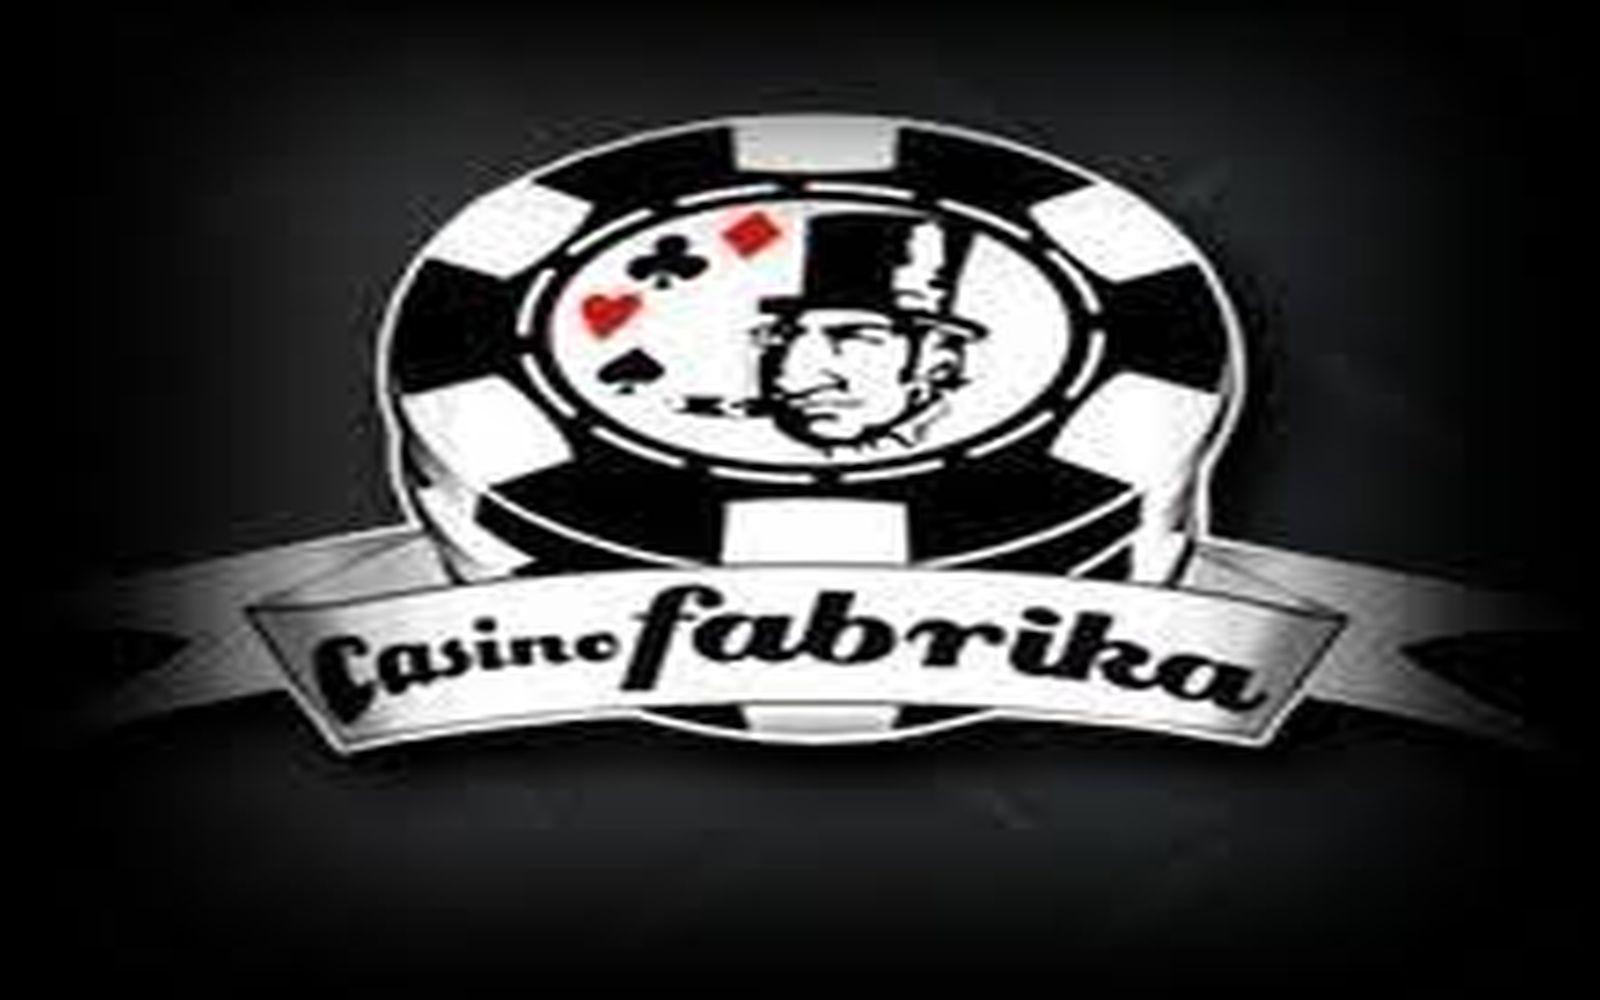 Casino Fabrika